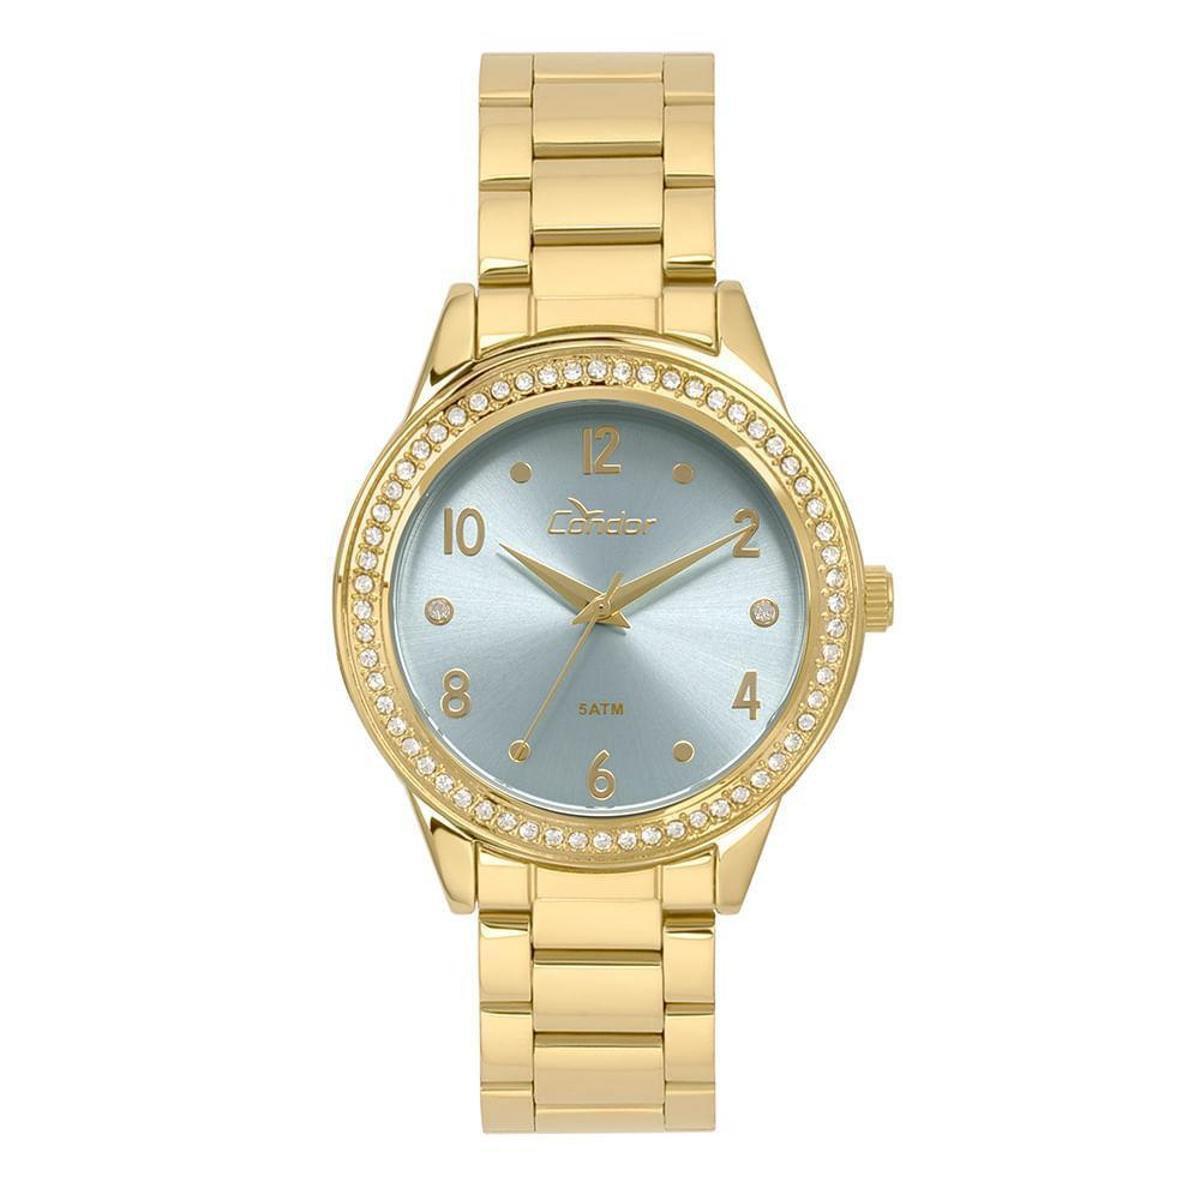 ff18153cab9 Relógio Condor Feminino Bracelete CO2036KUI K4A CO2036KUI K4A - Dourado -  Compre Agora